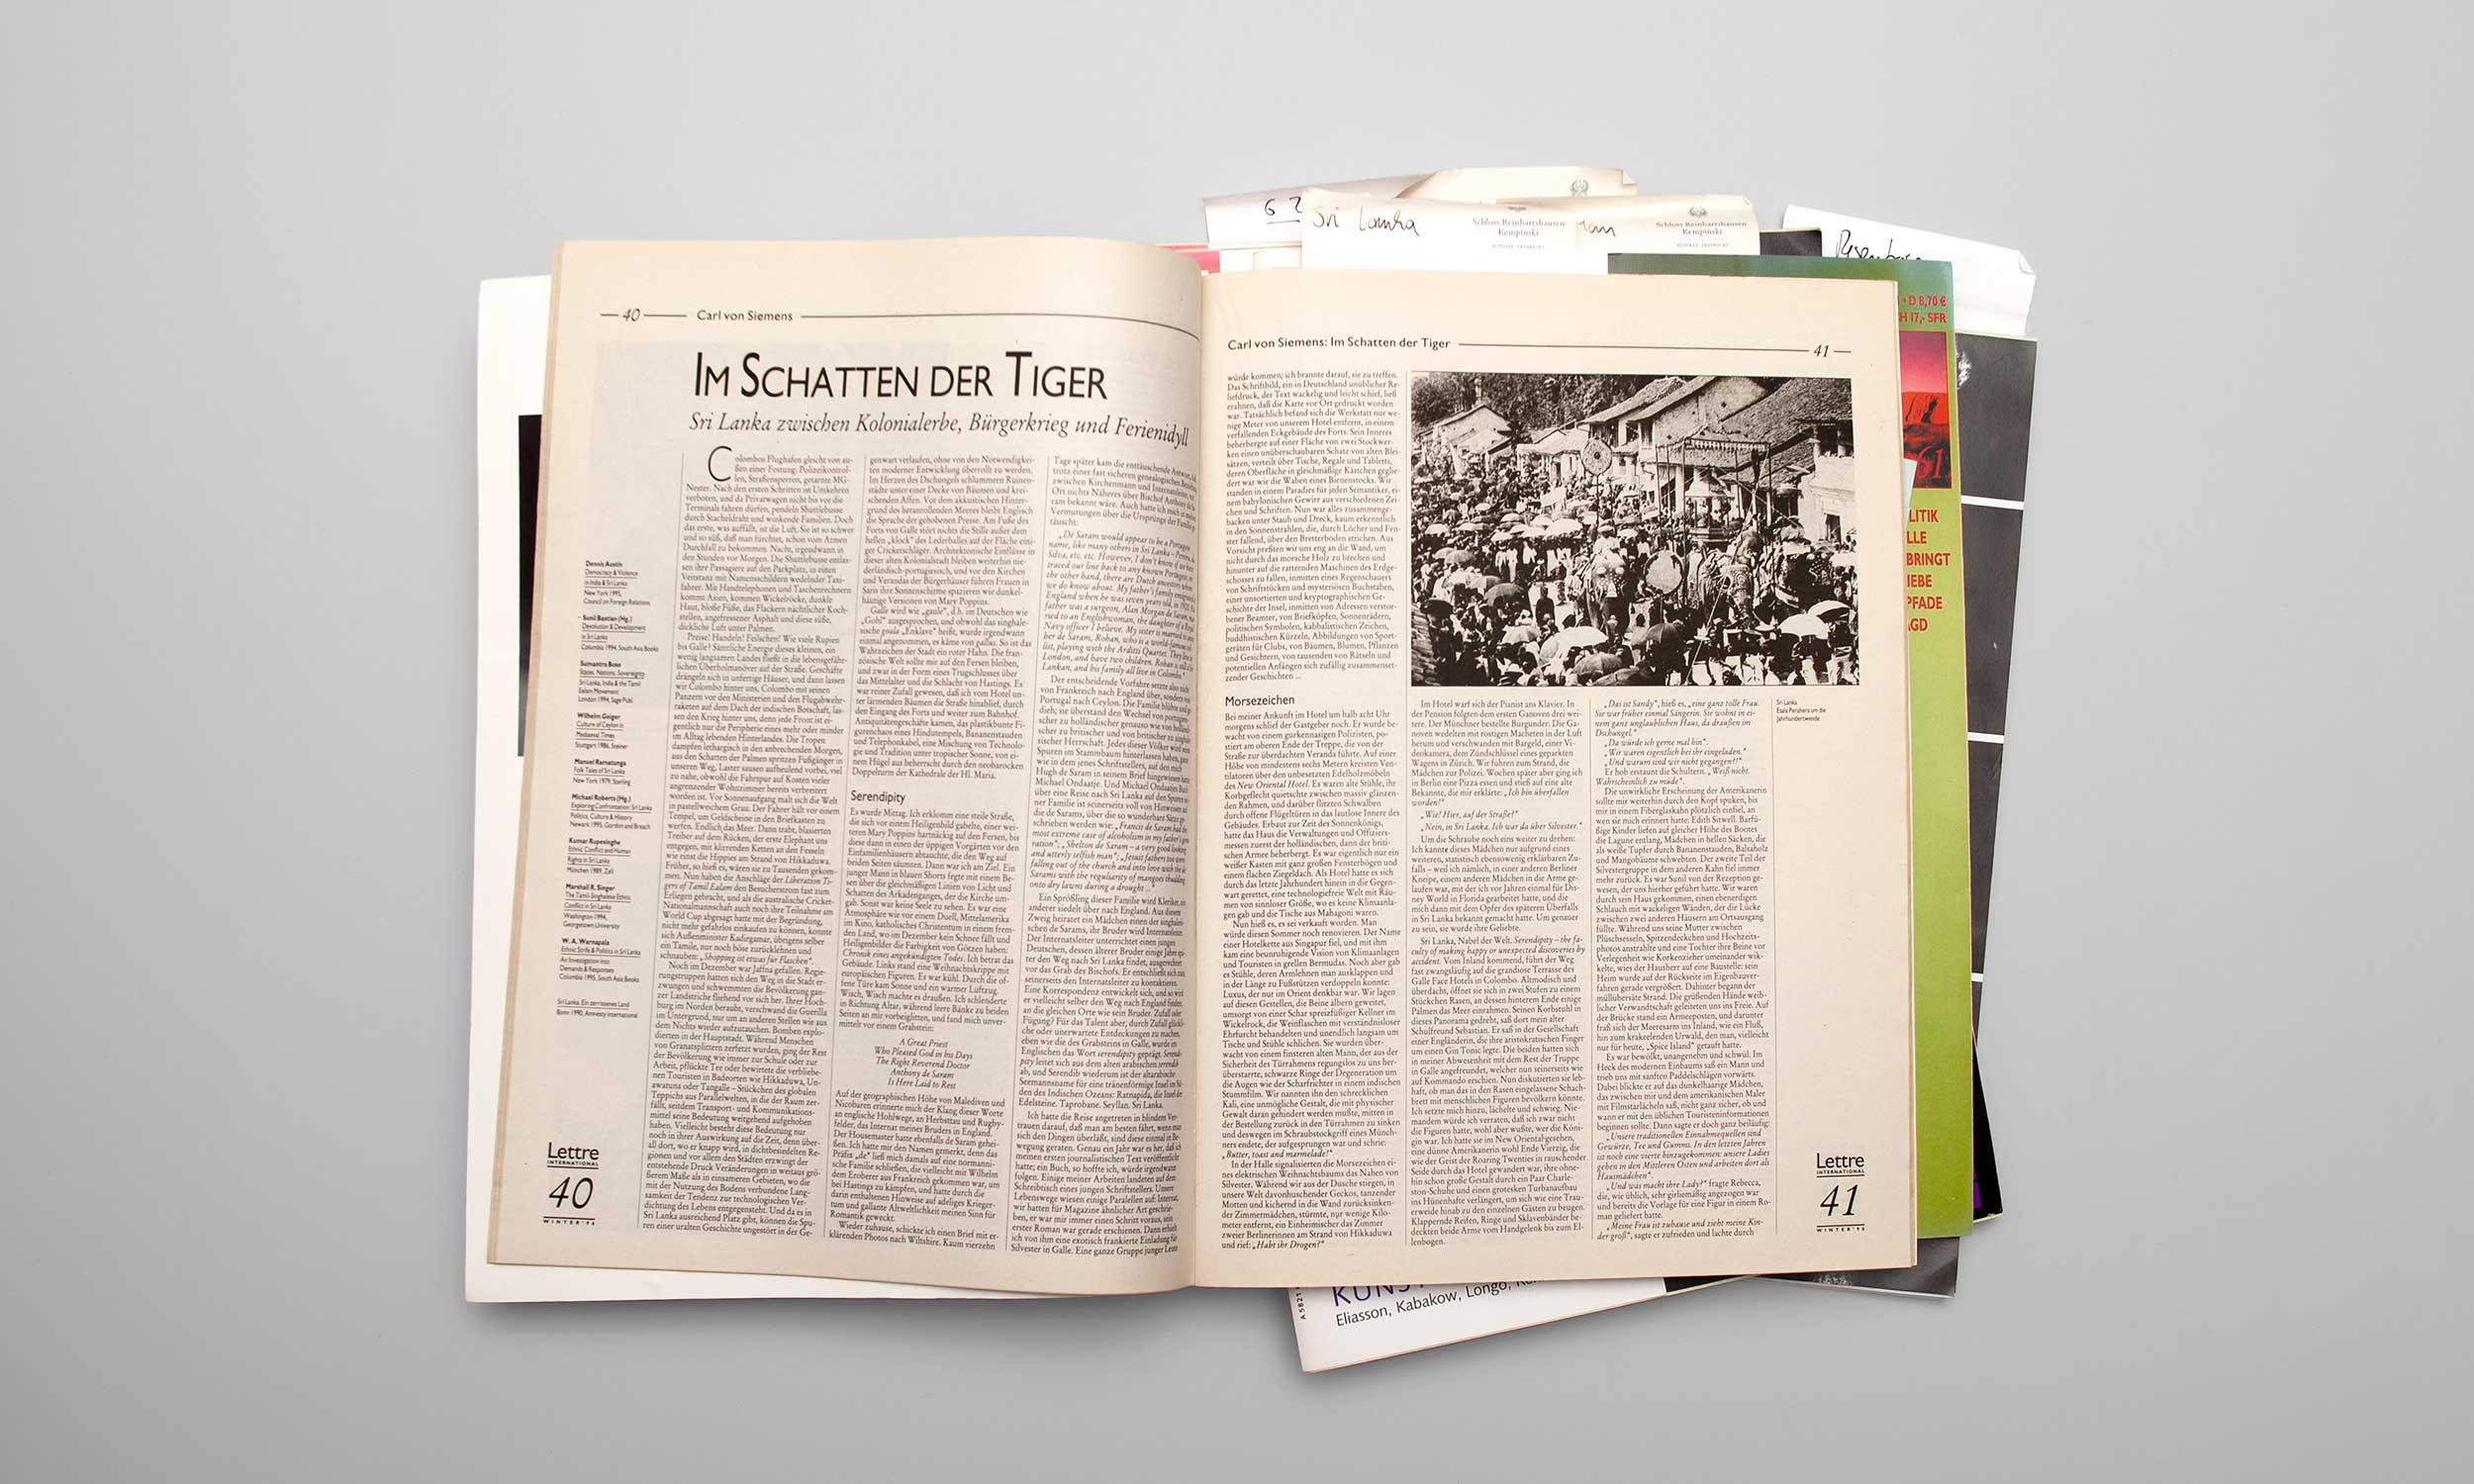 Carl von Siemens Lettre 1996 Doppelseite